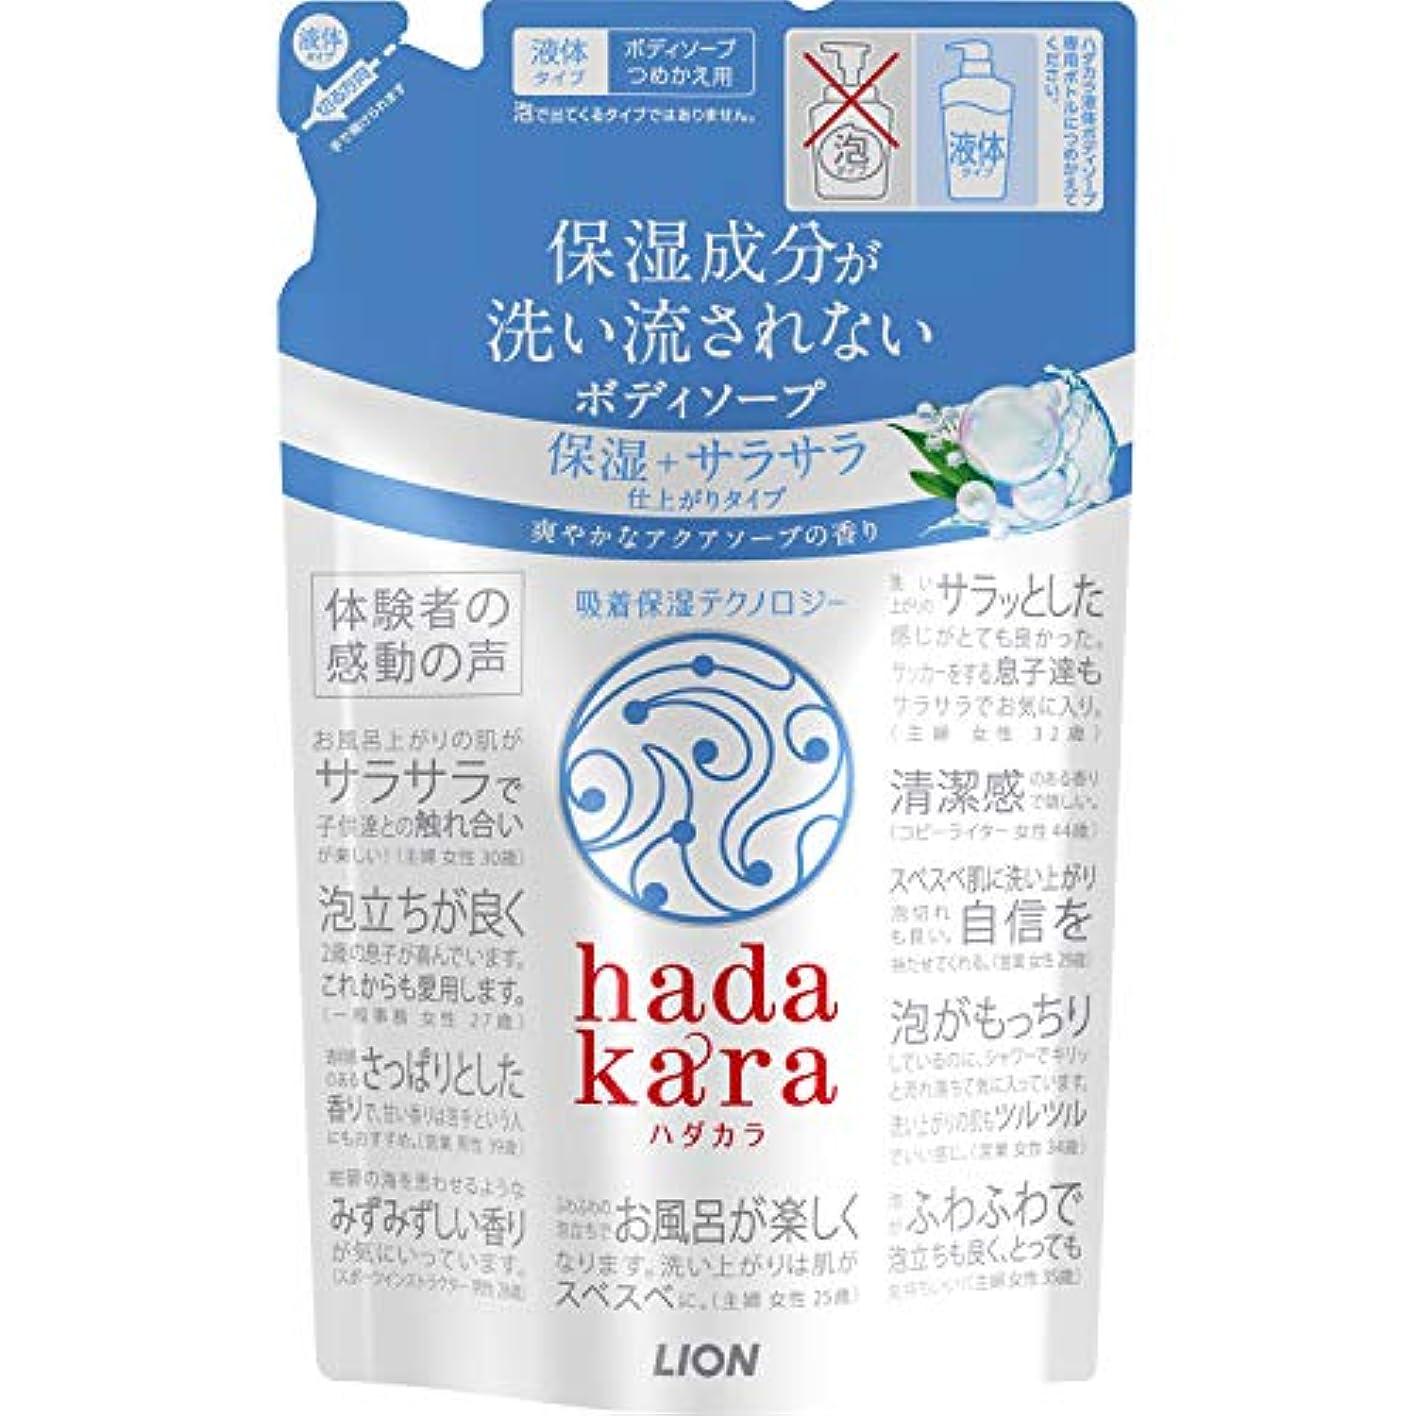 エキス調子アルカトラズ島hadakara(ハダカラ) ボディソープ 保湿+サラサラ仕上がりタイプ アクアソープの香り 詰め替え 340ml